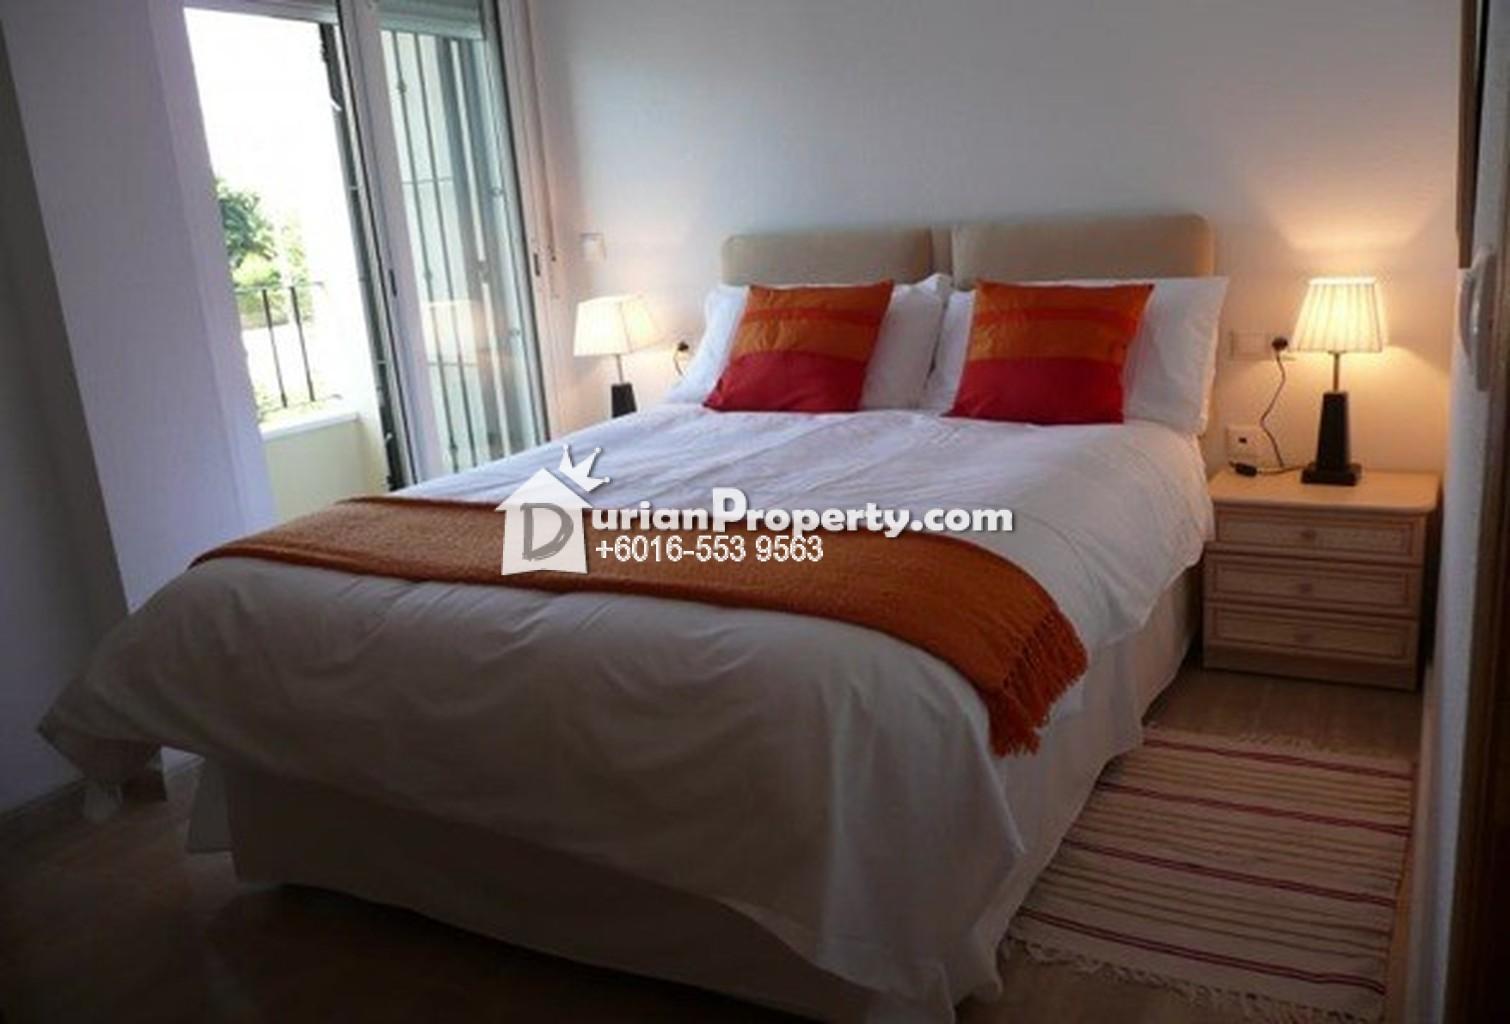 Дизайн маленькой спальни: топ-100 фото идей интерьера спальн.